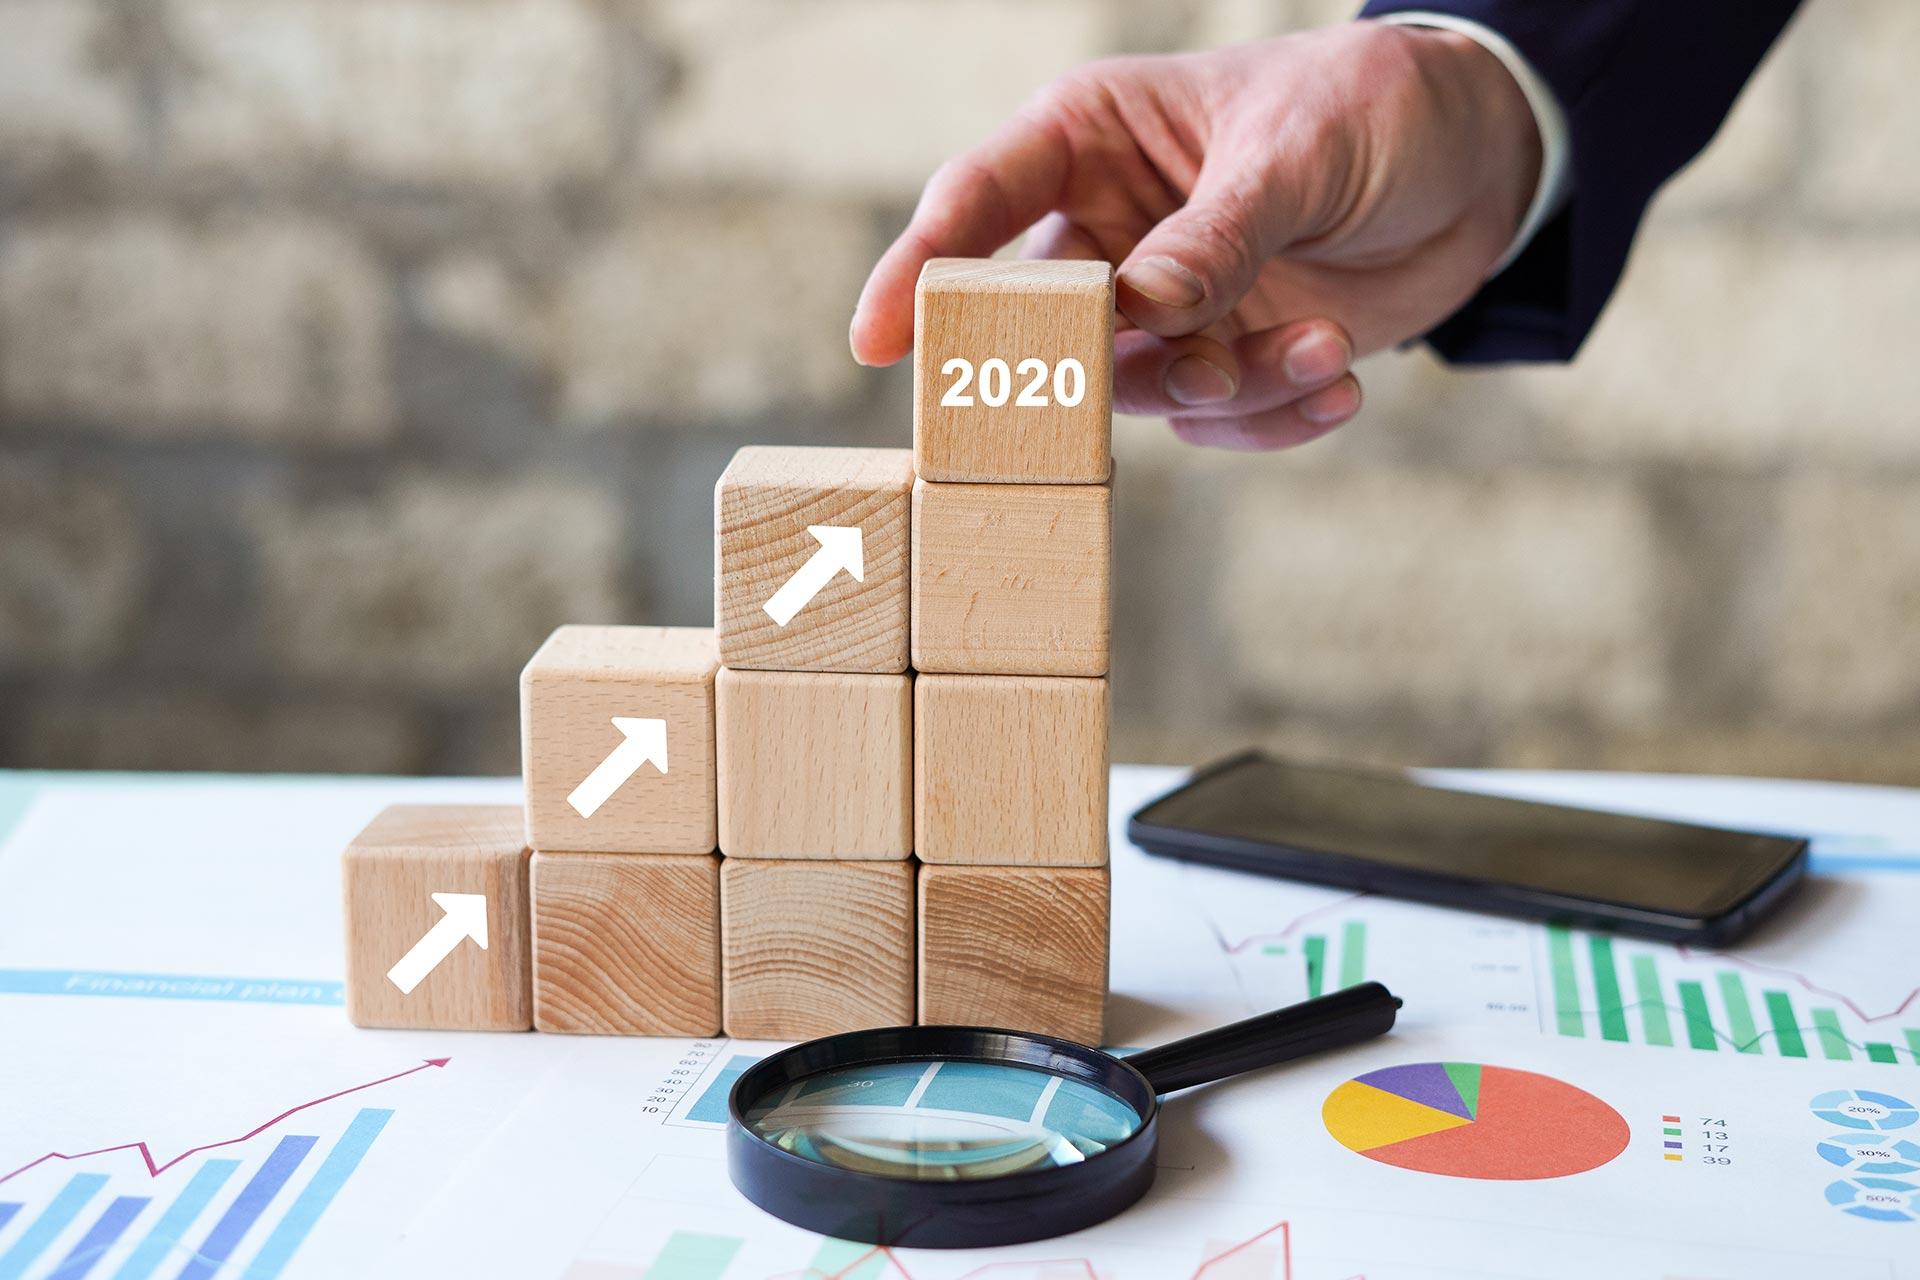 «Nouvelles opportunités 2020»: Mieux vous conseiller et vous accompagner